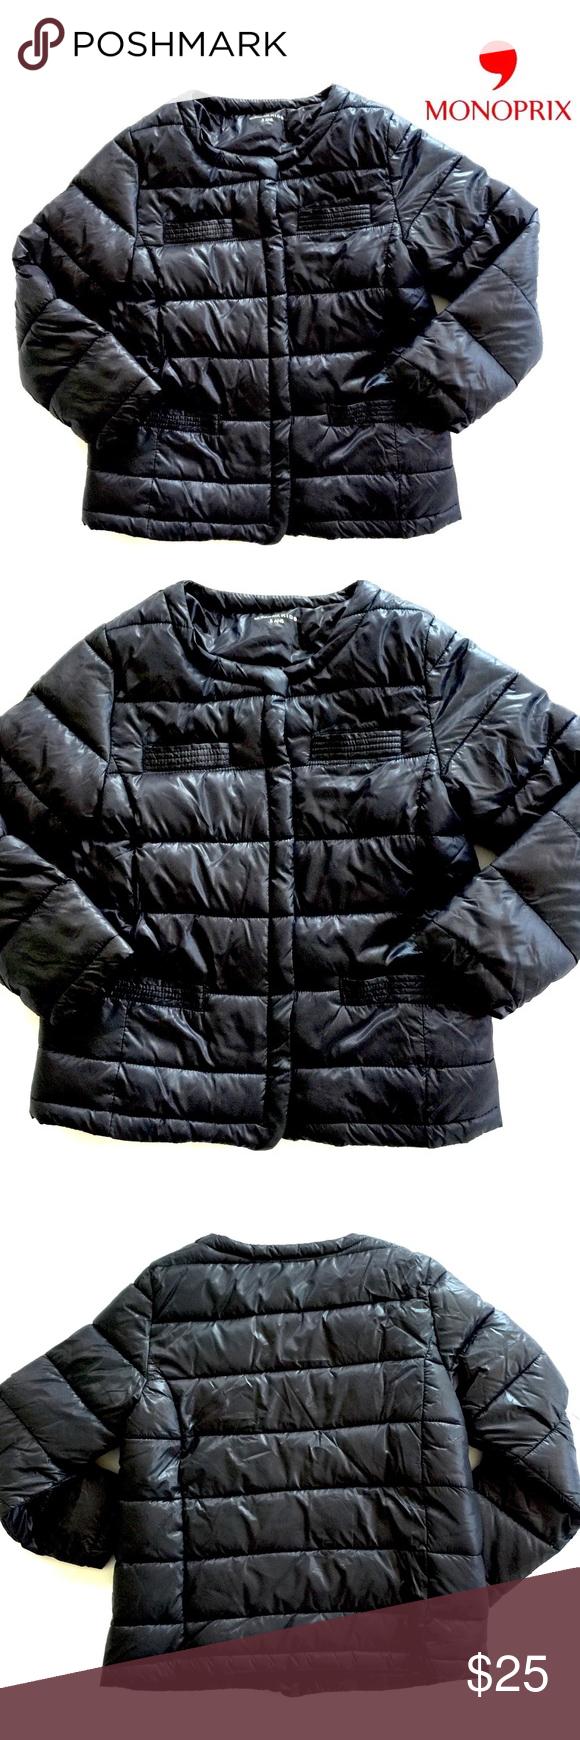 Authentic Monoprix Paris Puffer Coat In Girls 7 8 Puffer Coat Clothes Design Coat